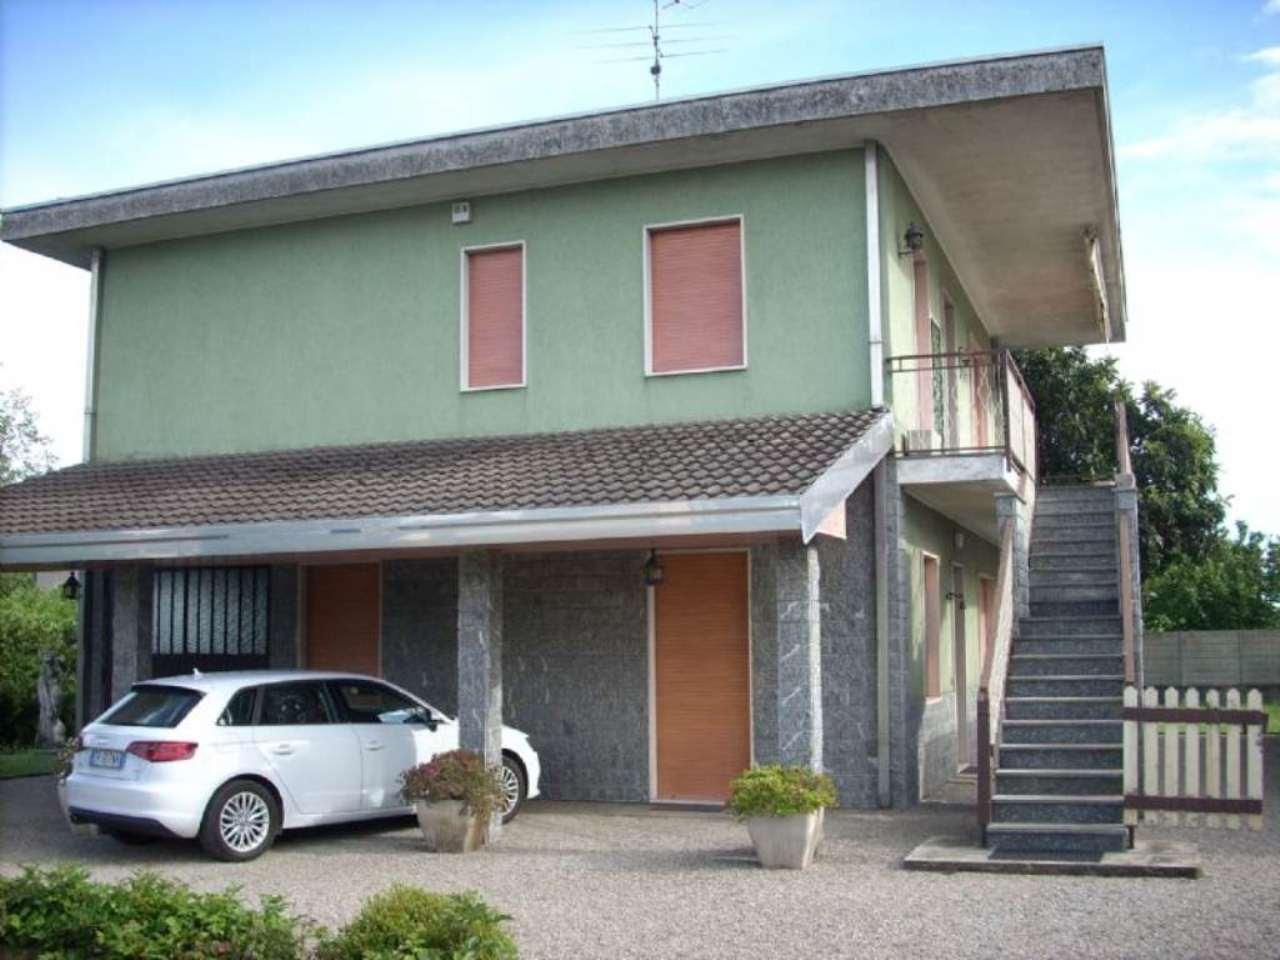 Villa in vendita a Magnago, 6 locali, prezzo € 330.000 | Cambio Casa.it